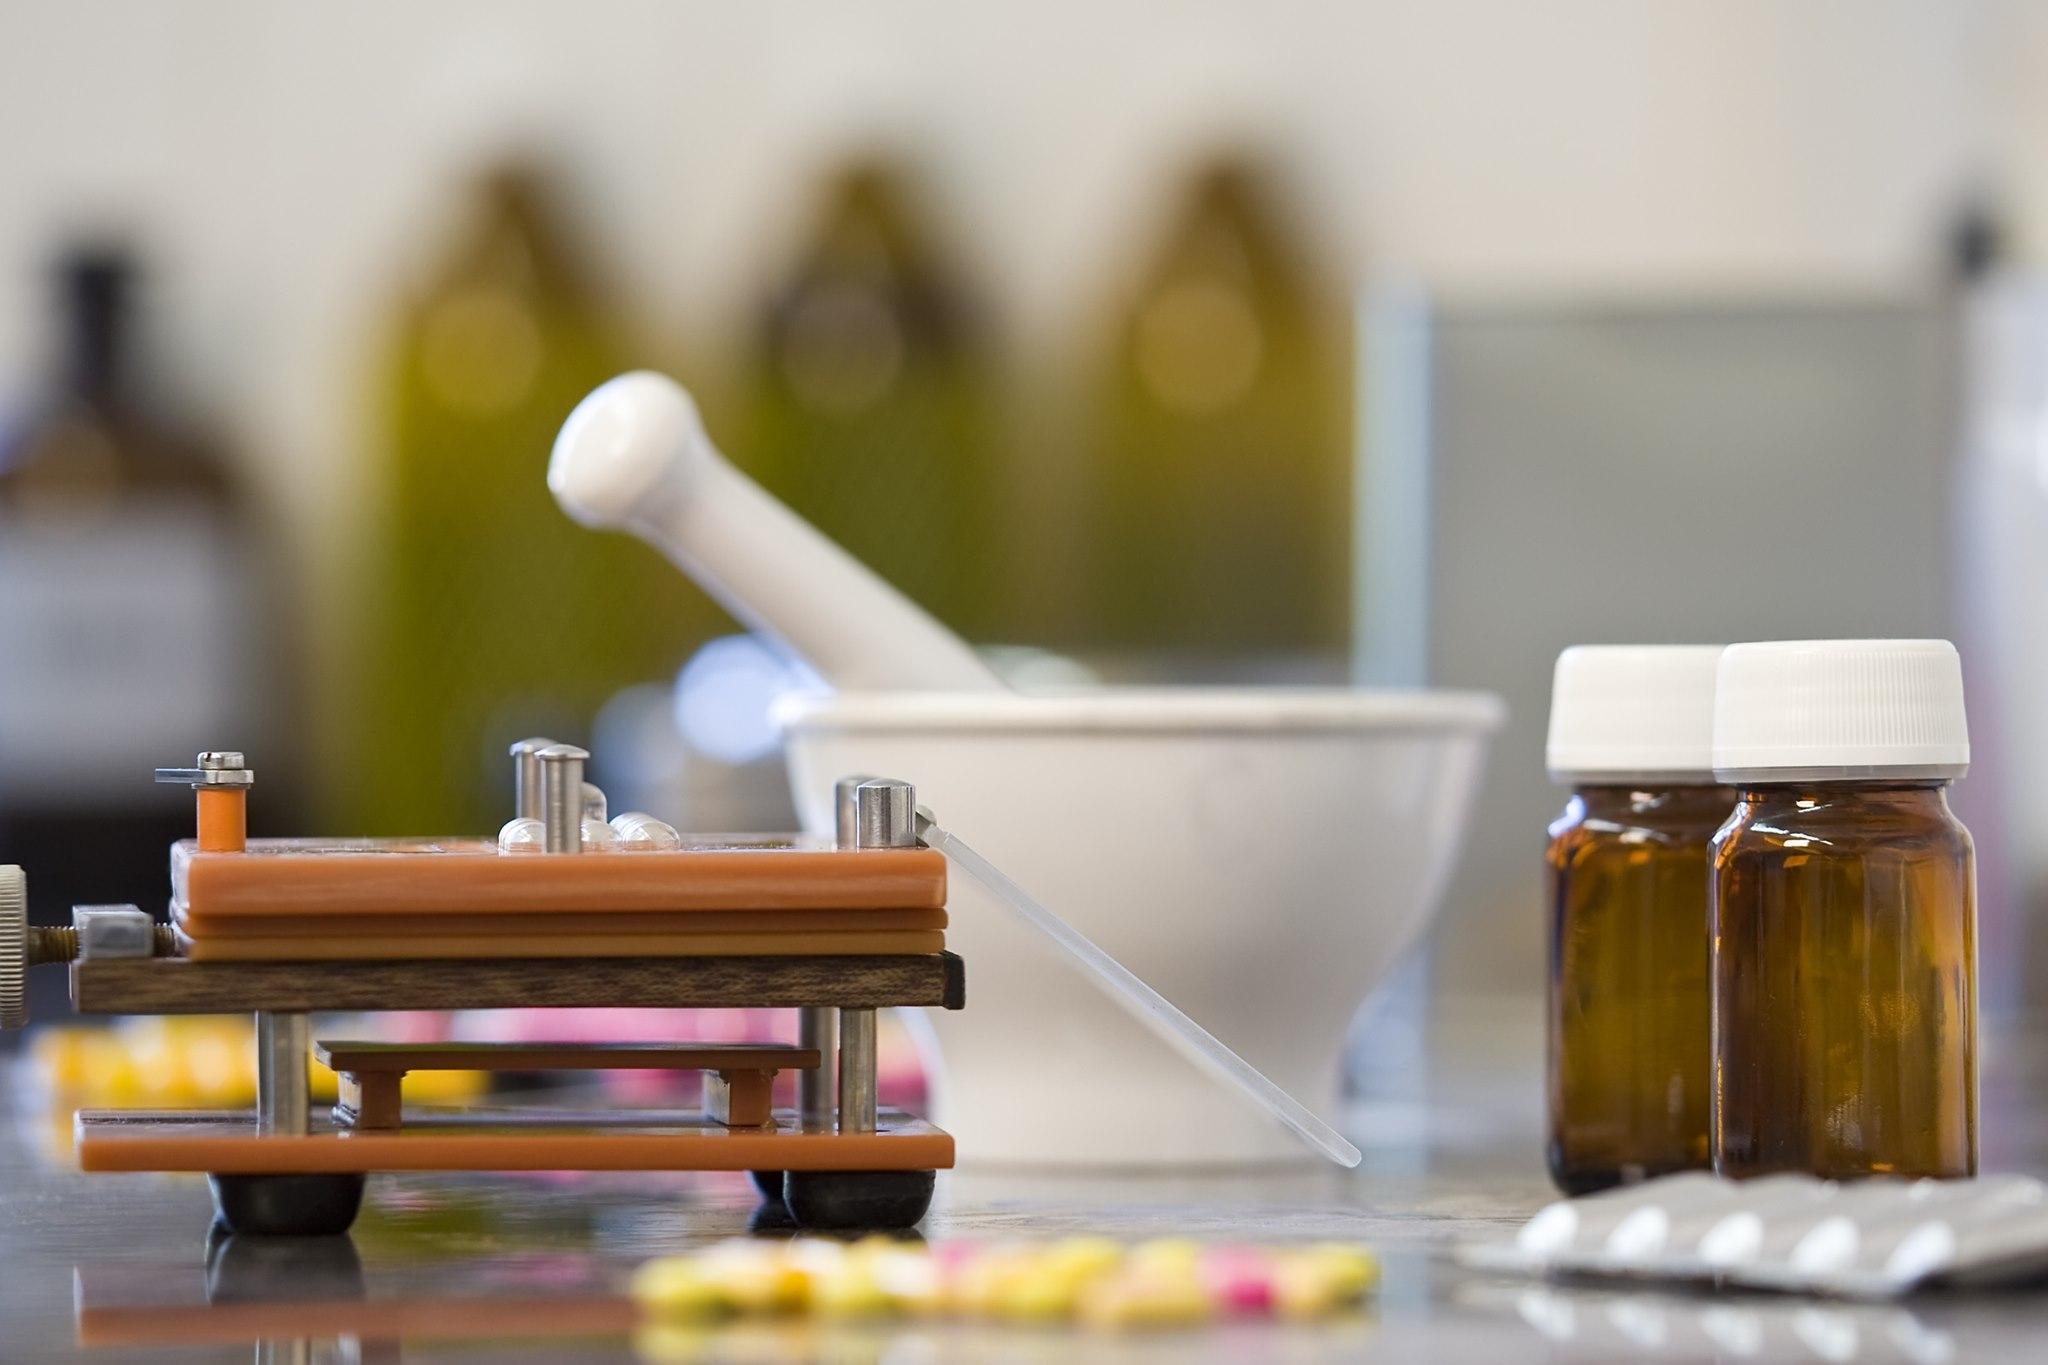 Image courtesy Compound Pharmacy